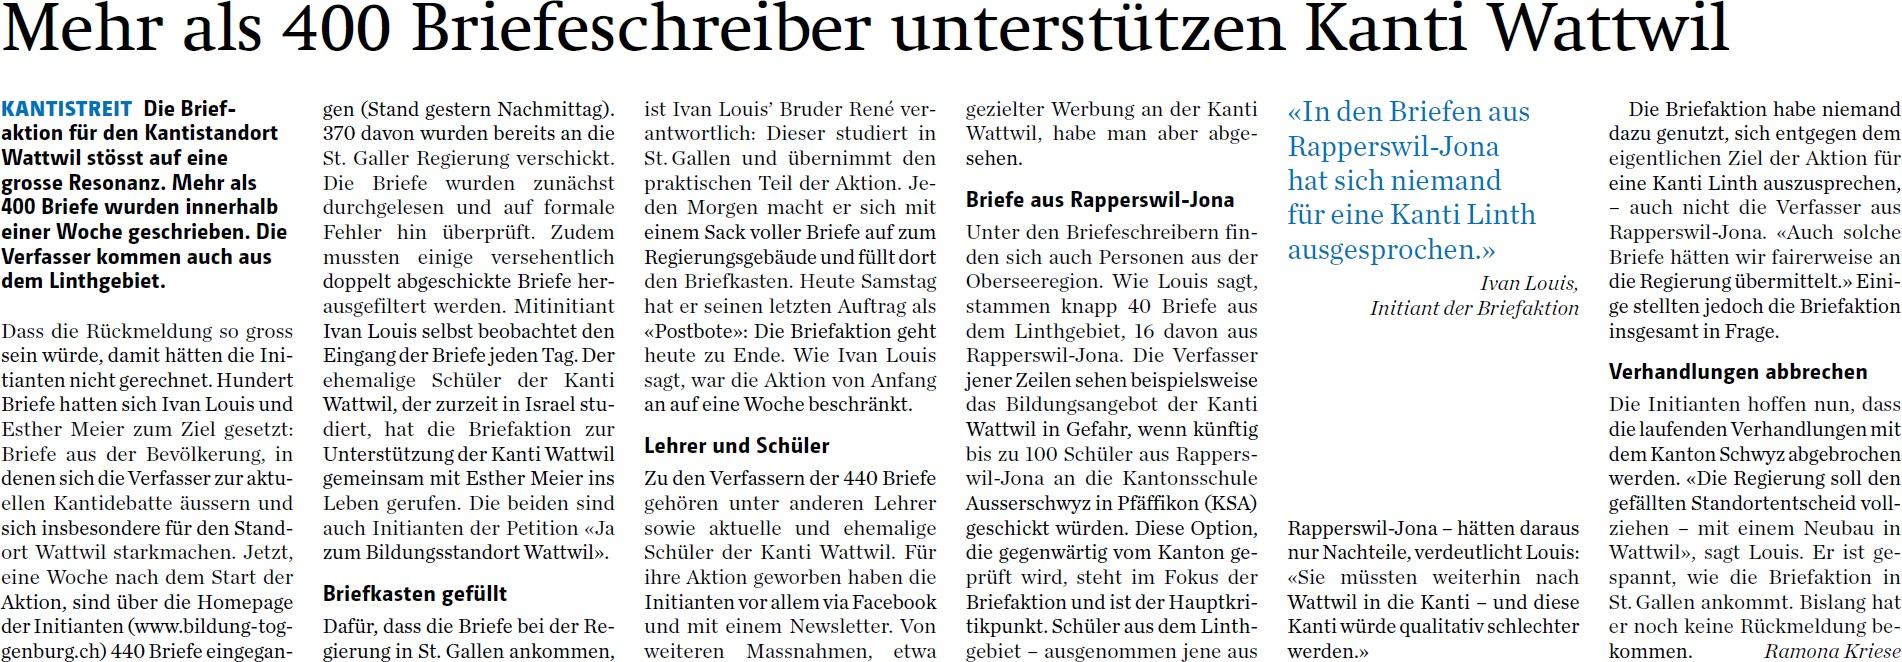 Mehr als 400 Briefeschreiber unterstützen Kanti Wattwil (Samstag, 11.10.2014)